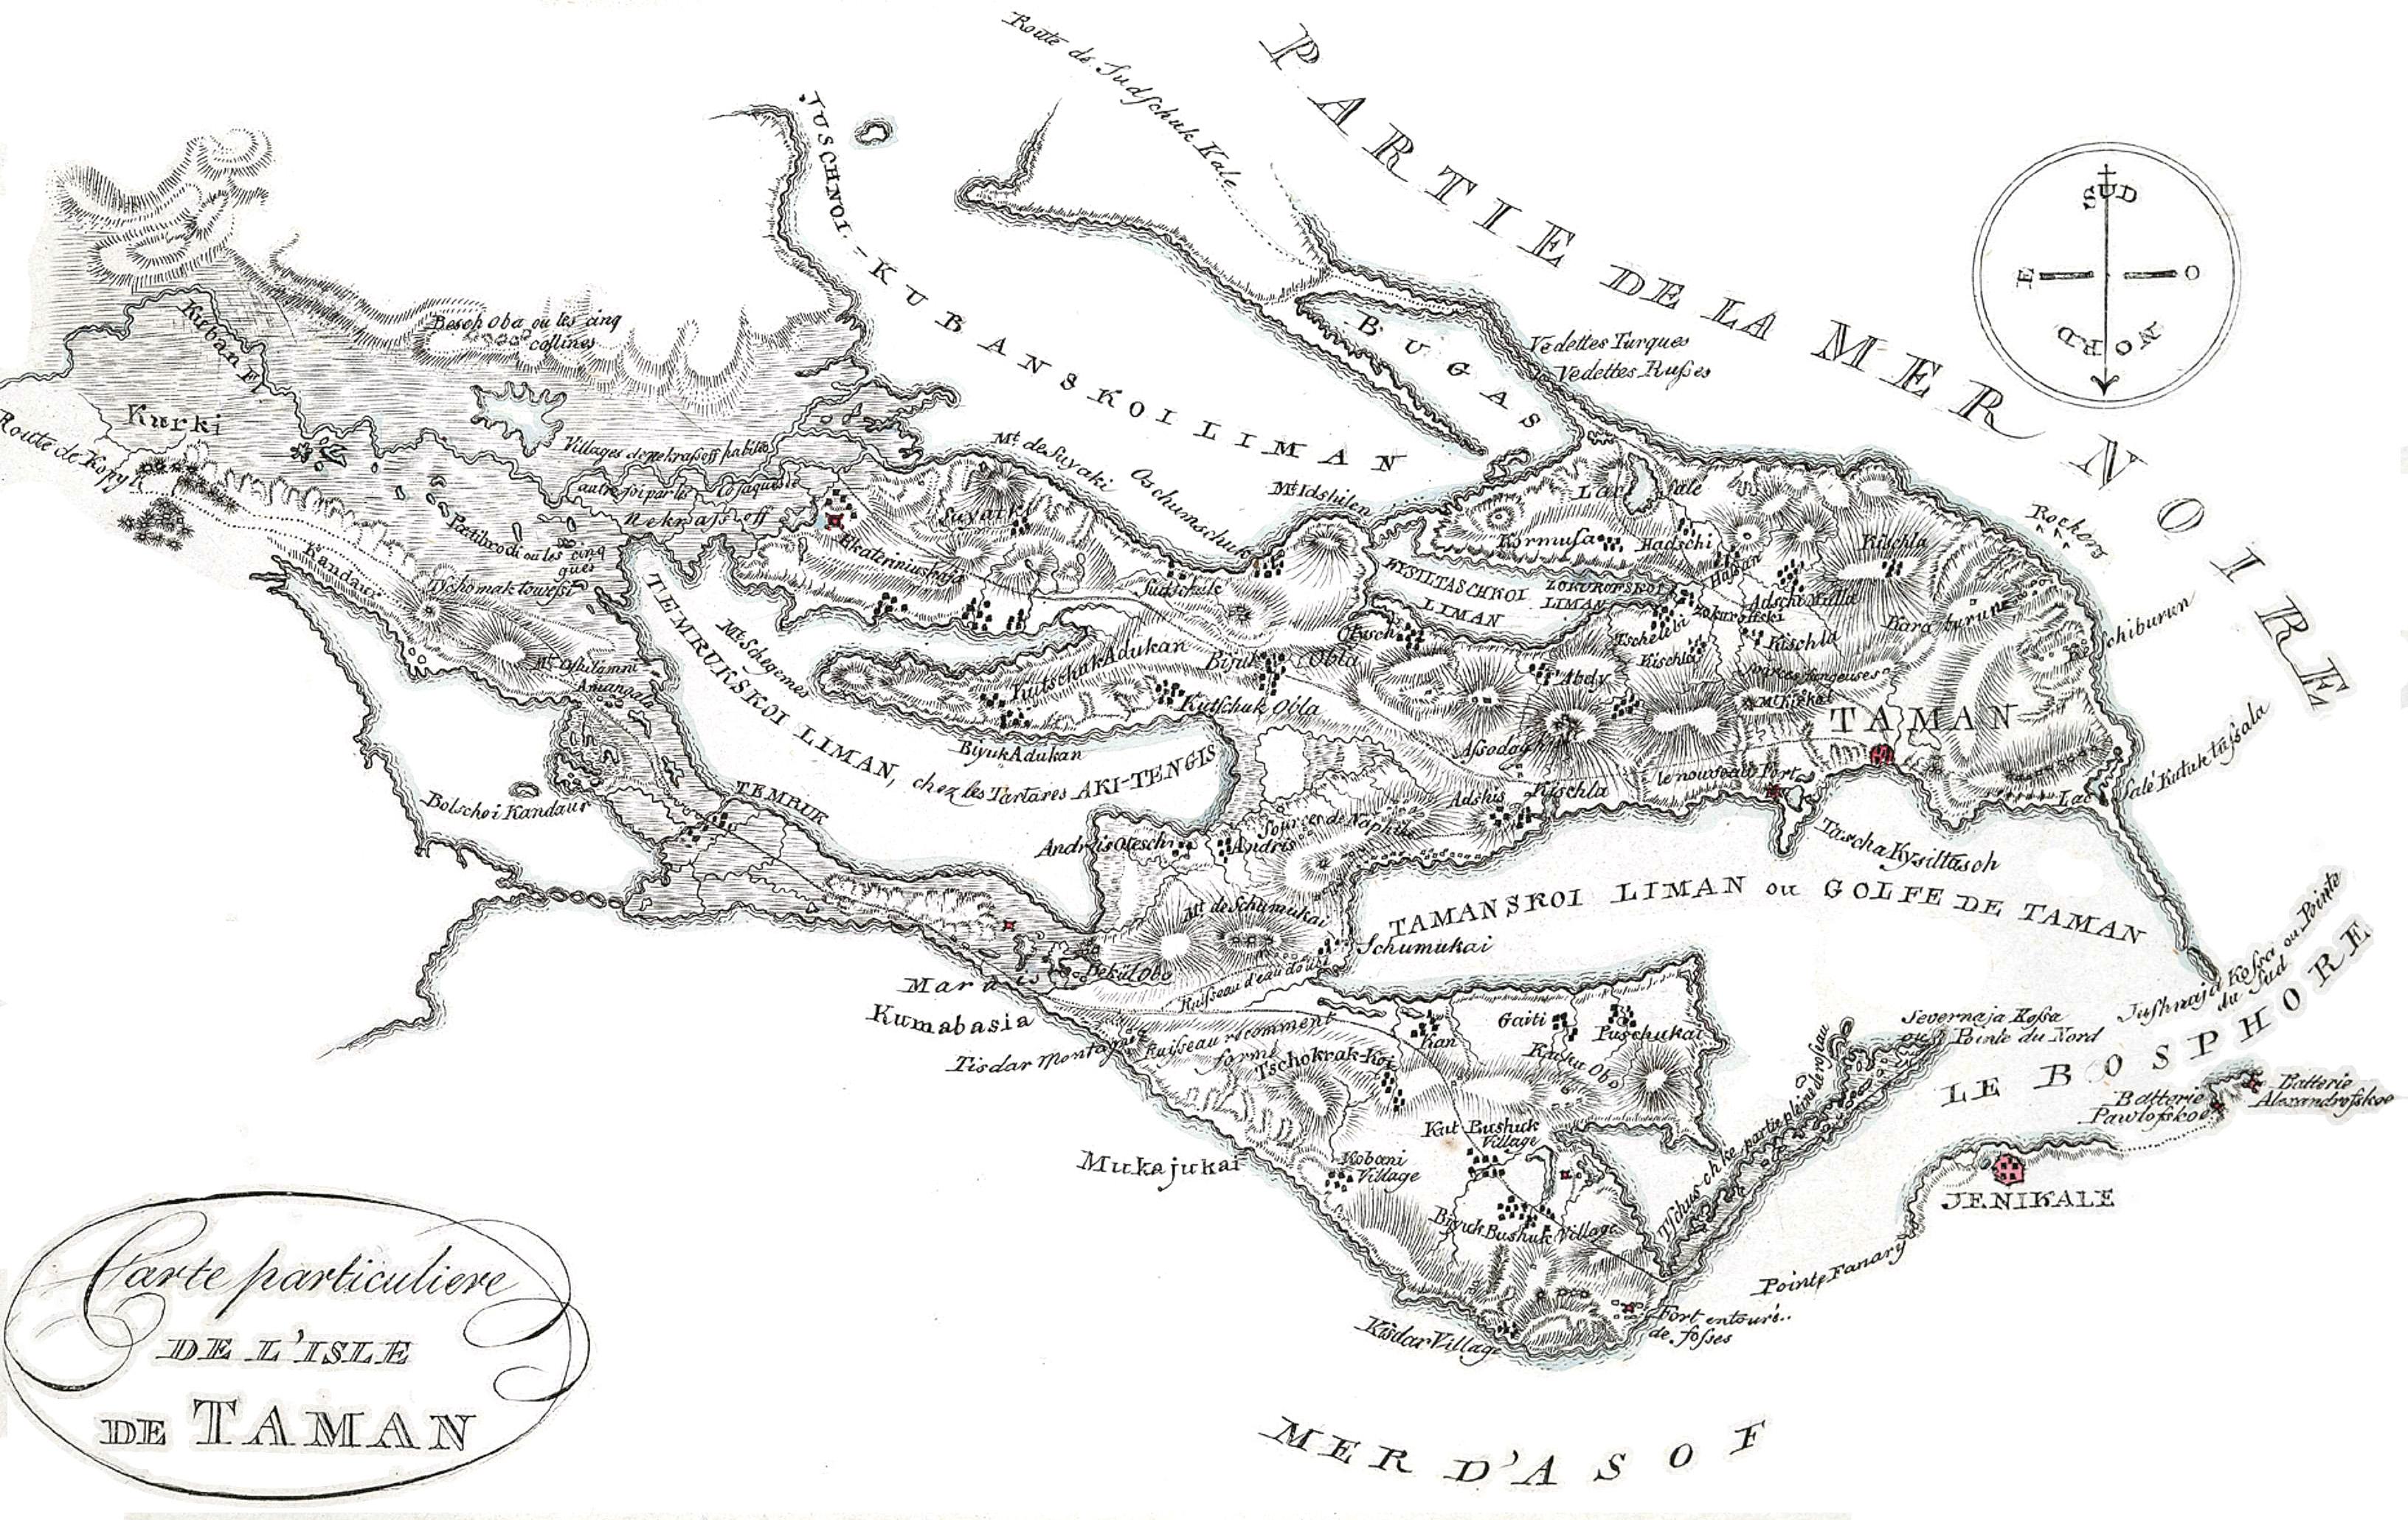 2-19. Специальная карта замечательного острова Тамани.